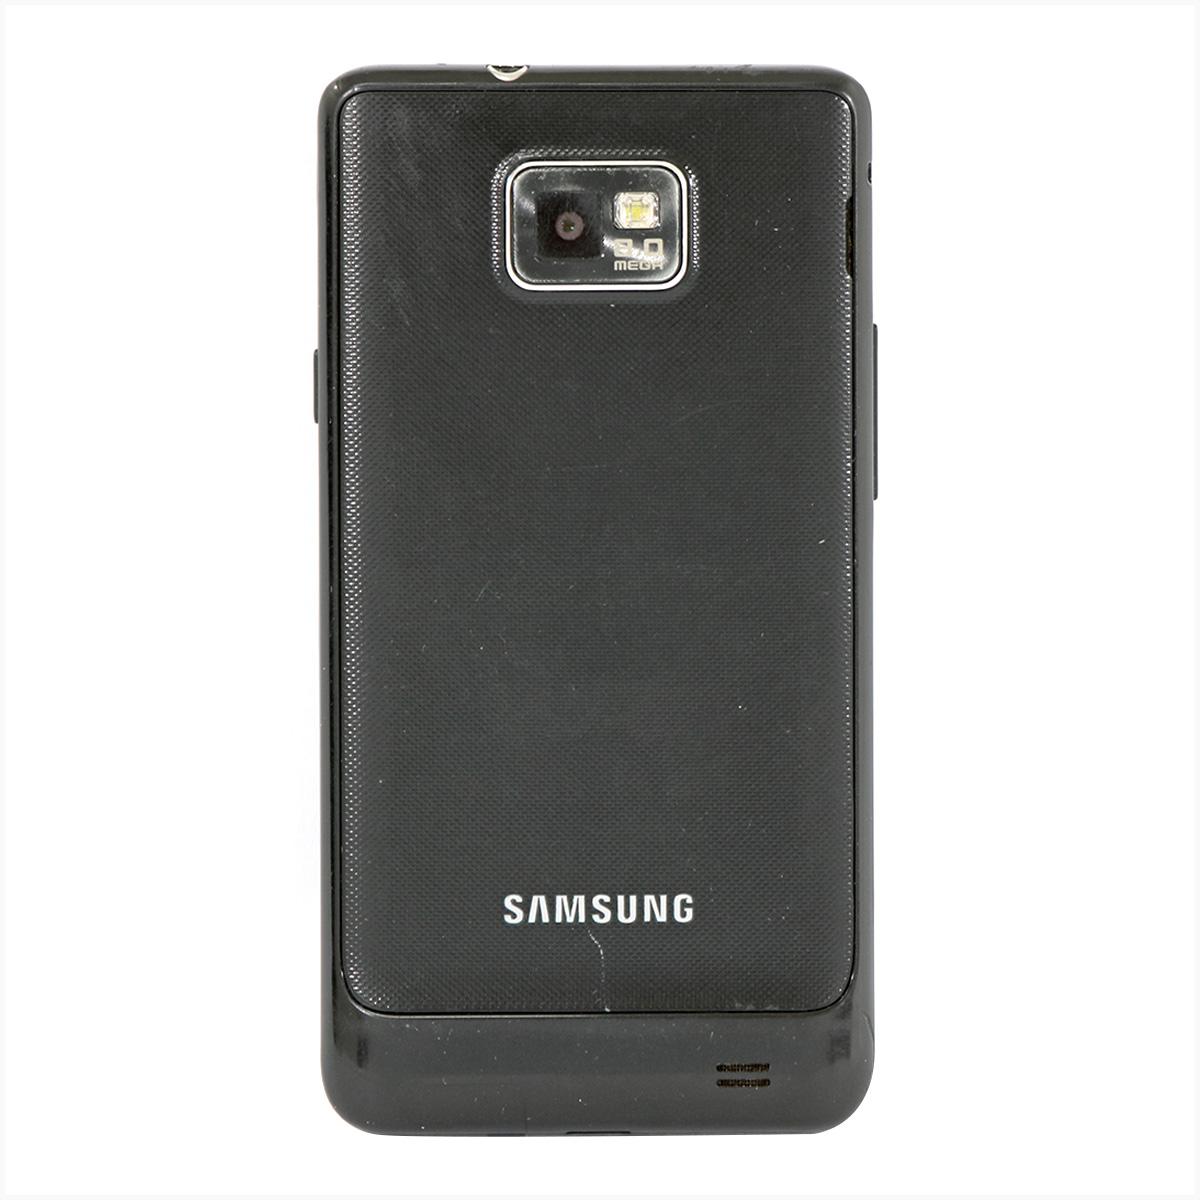 Celular samsung galaxy s2 gt-I9100 16gb - usado